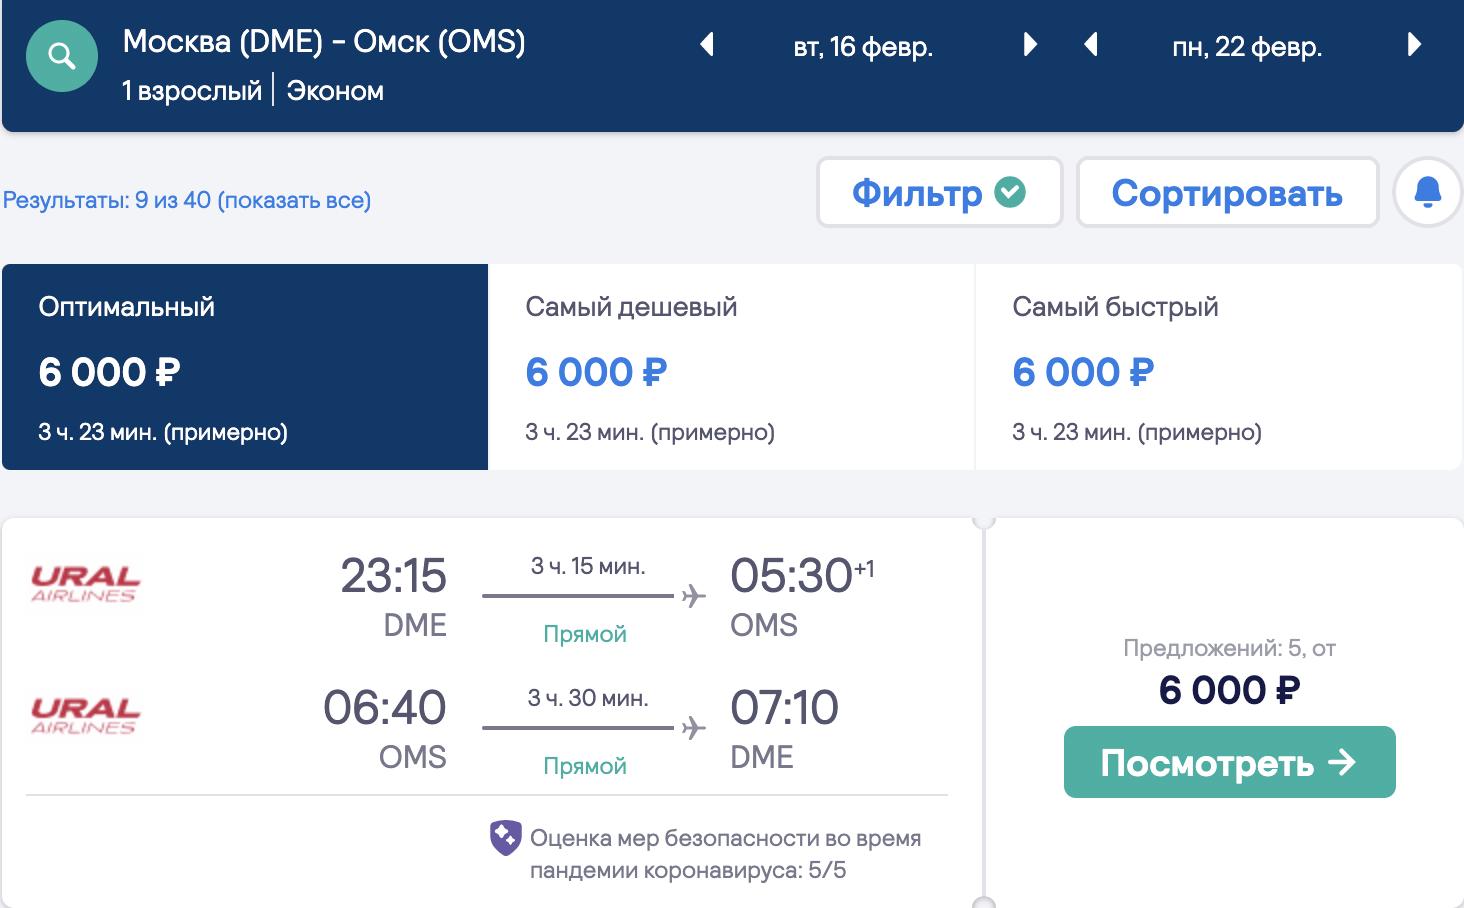 Ural Airlines: дешевые билеты из Москвы на Урал, в Сибирь и на Дальний Восток от 3100₽ туда-обратно